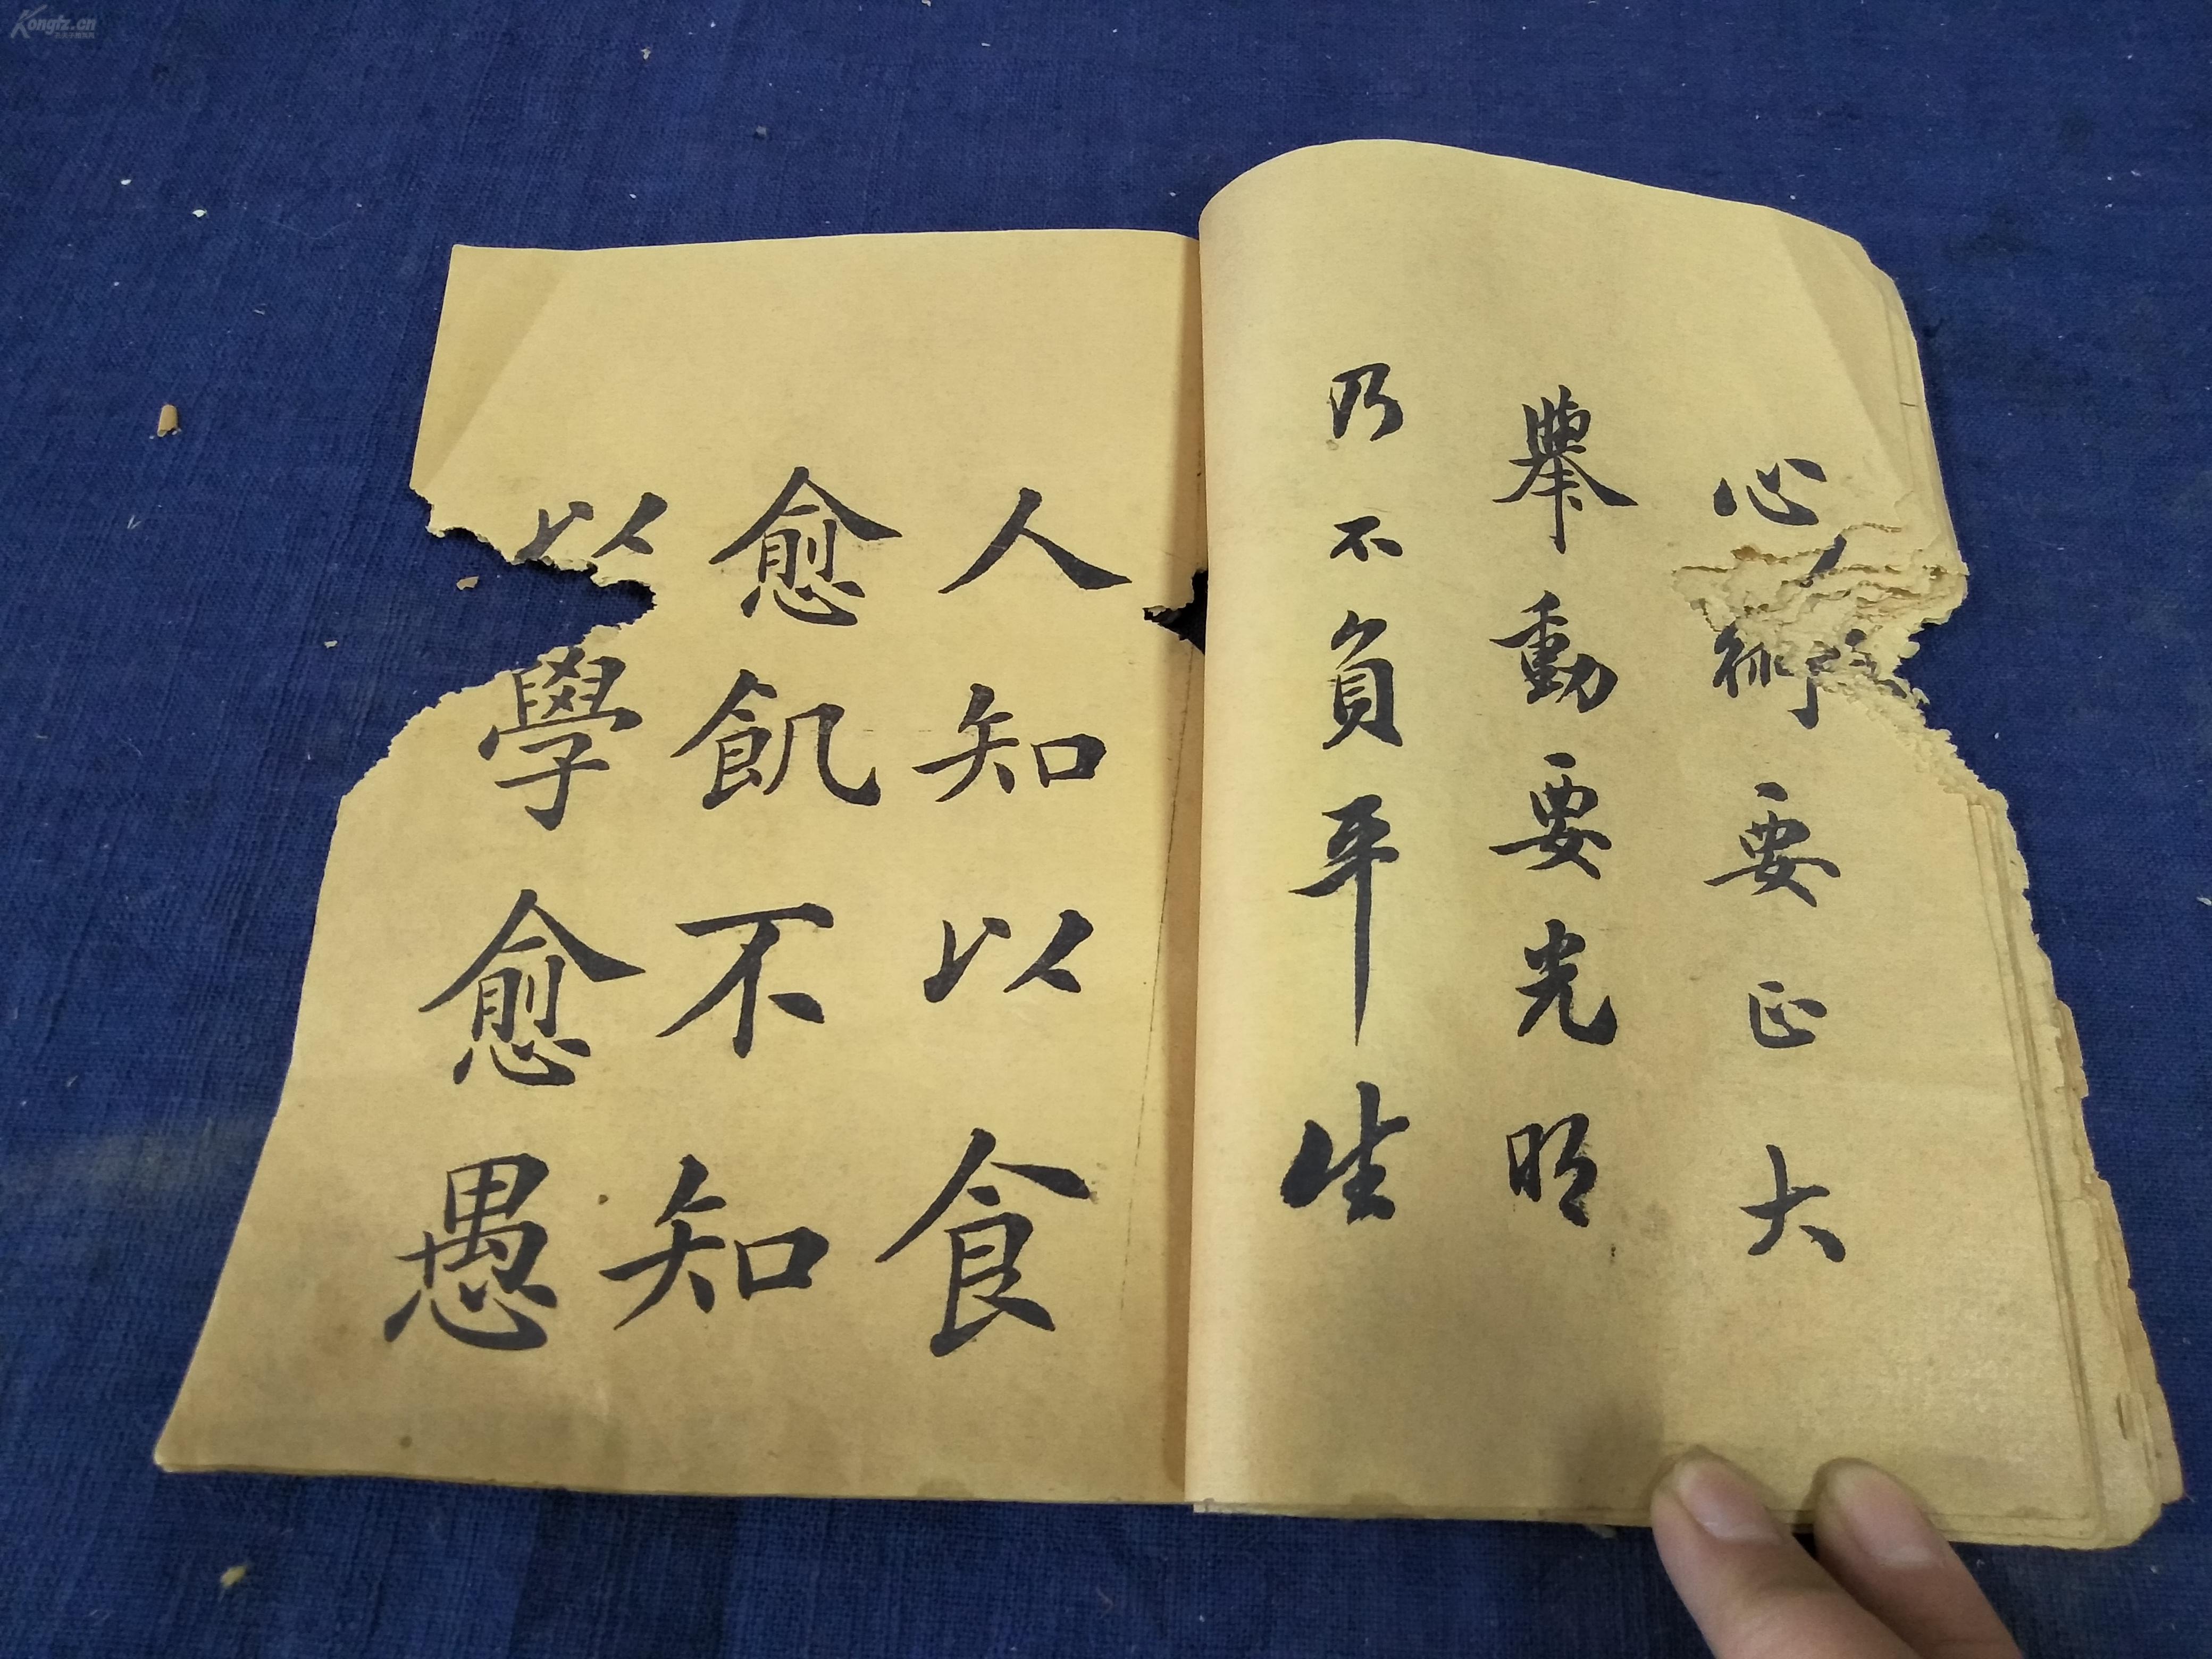 清光绪34年村小学部局《初等图书习字帖》小学学十里图片